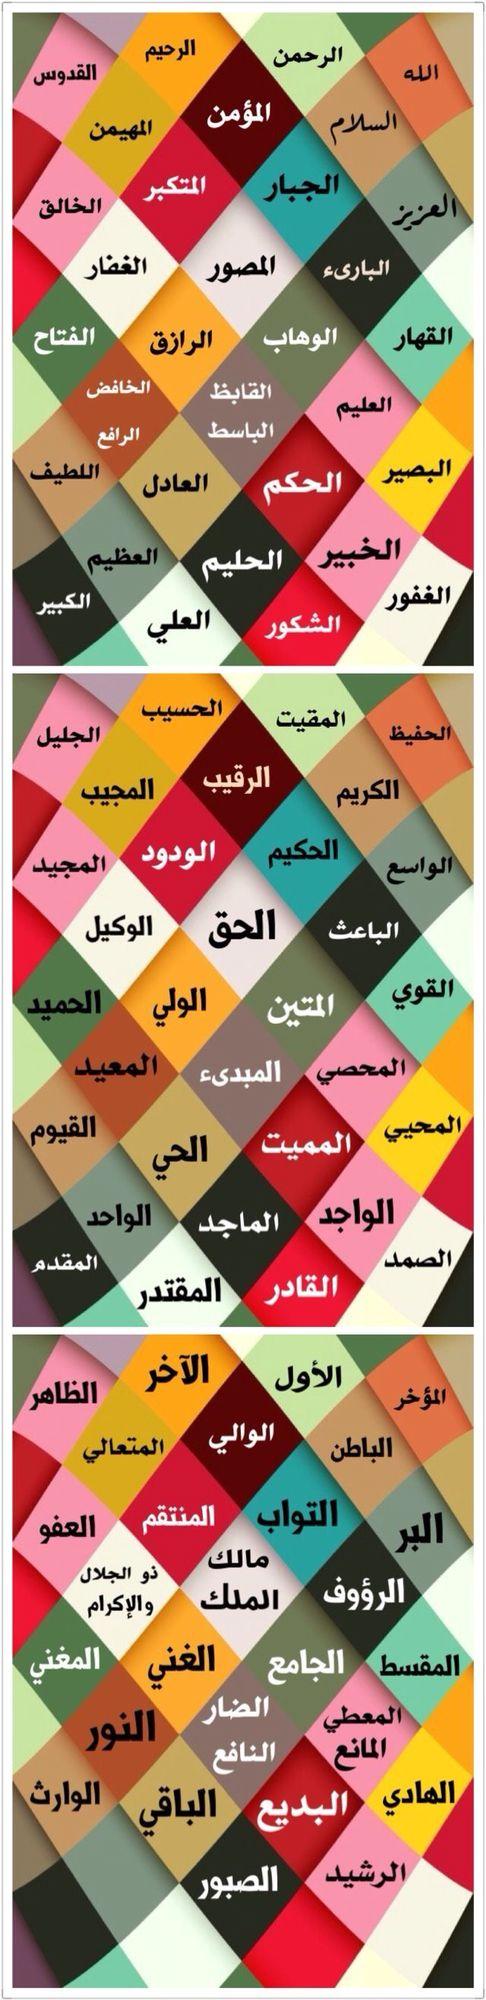 DesertRose- asma'a Allah alhusna